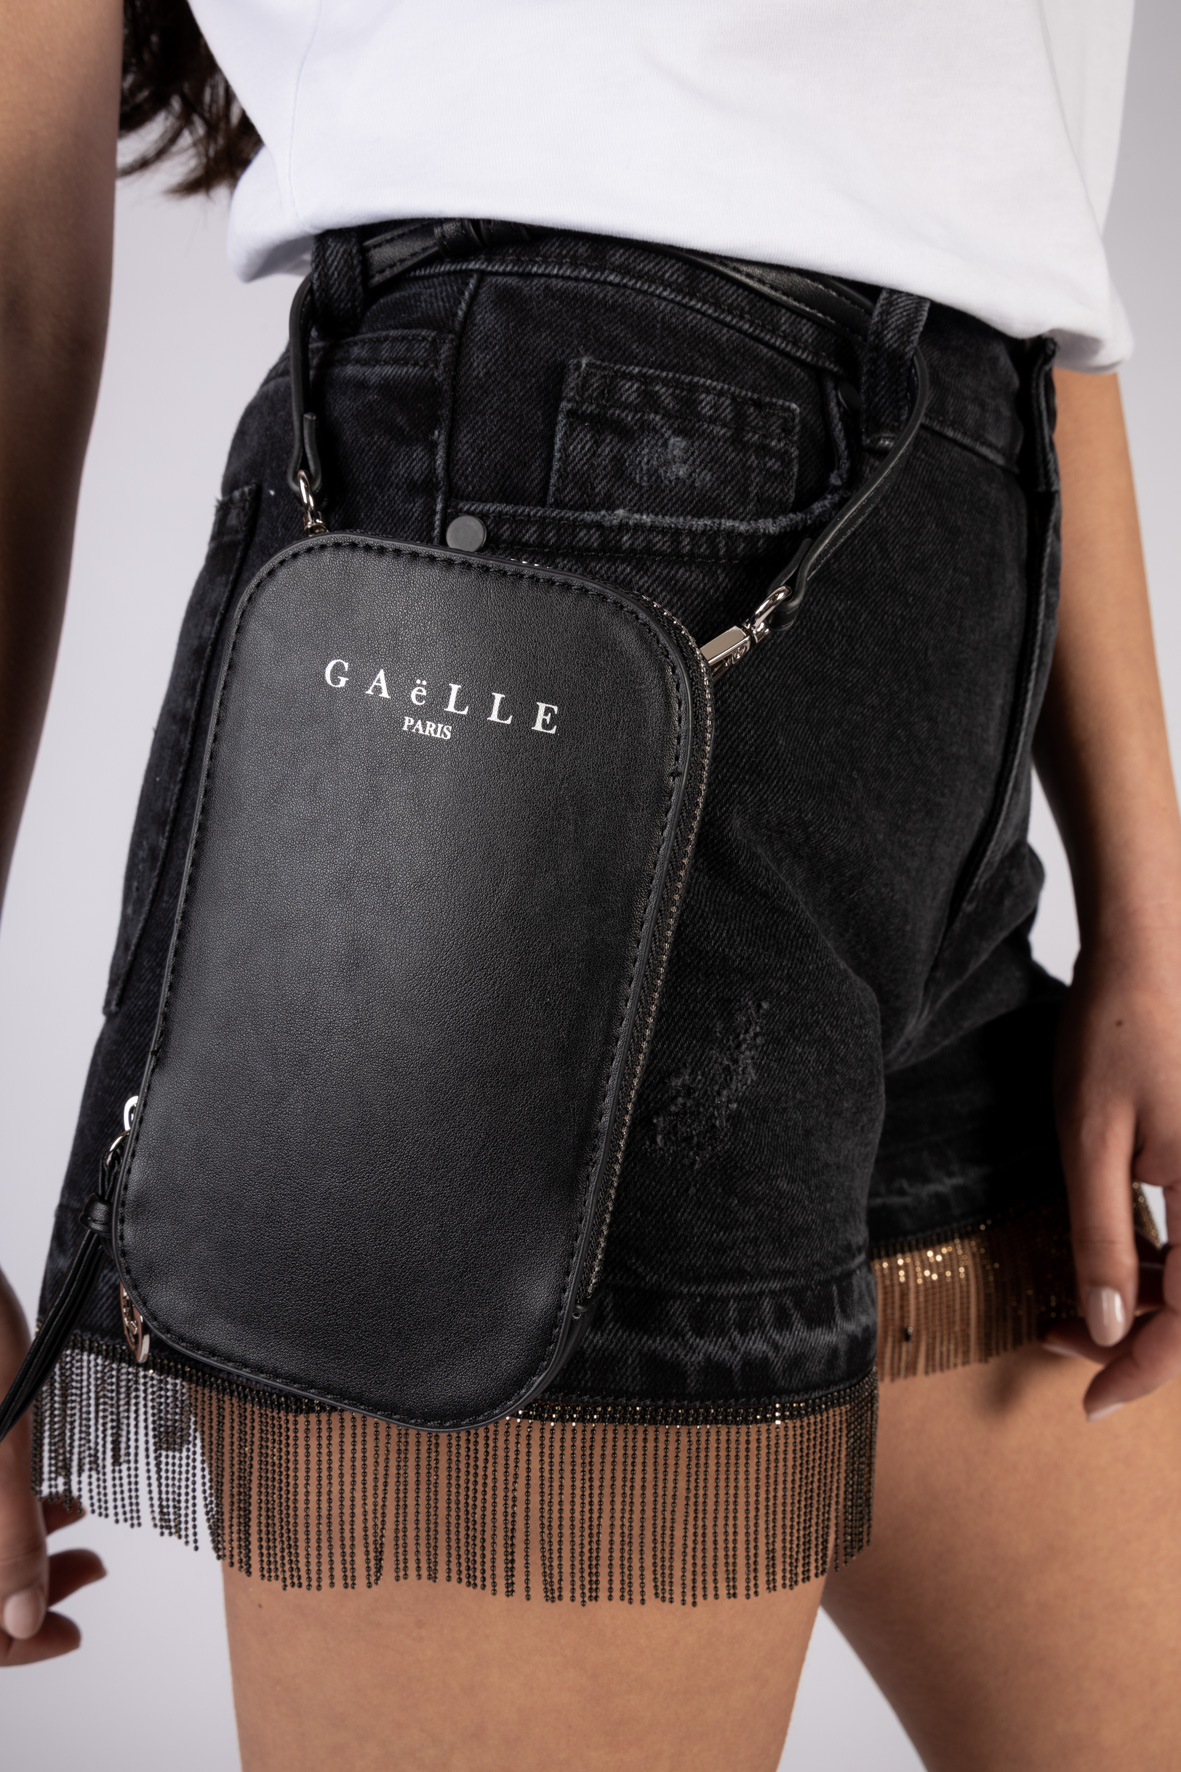 MINI TRACOLLA GAELLE PARIS GAELLE | Tracolla | GBDA2150NERO